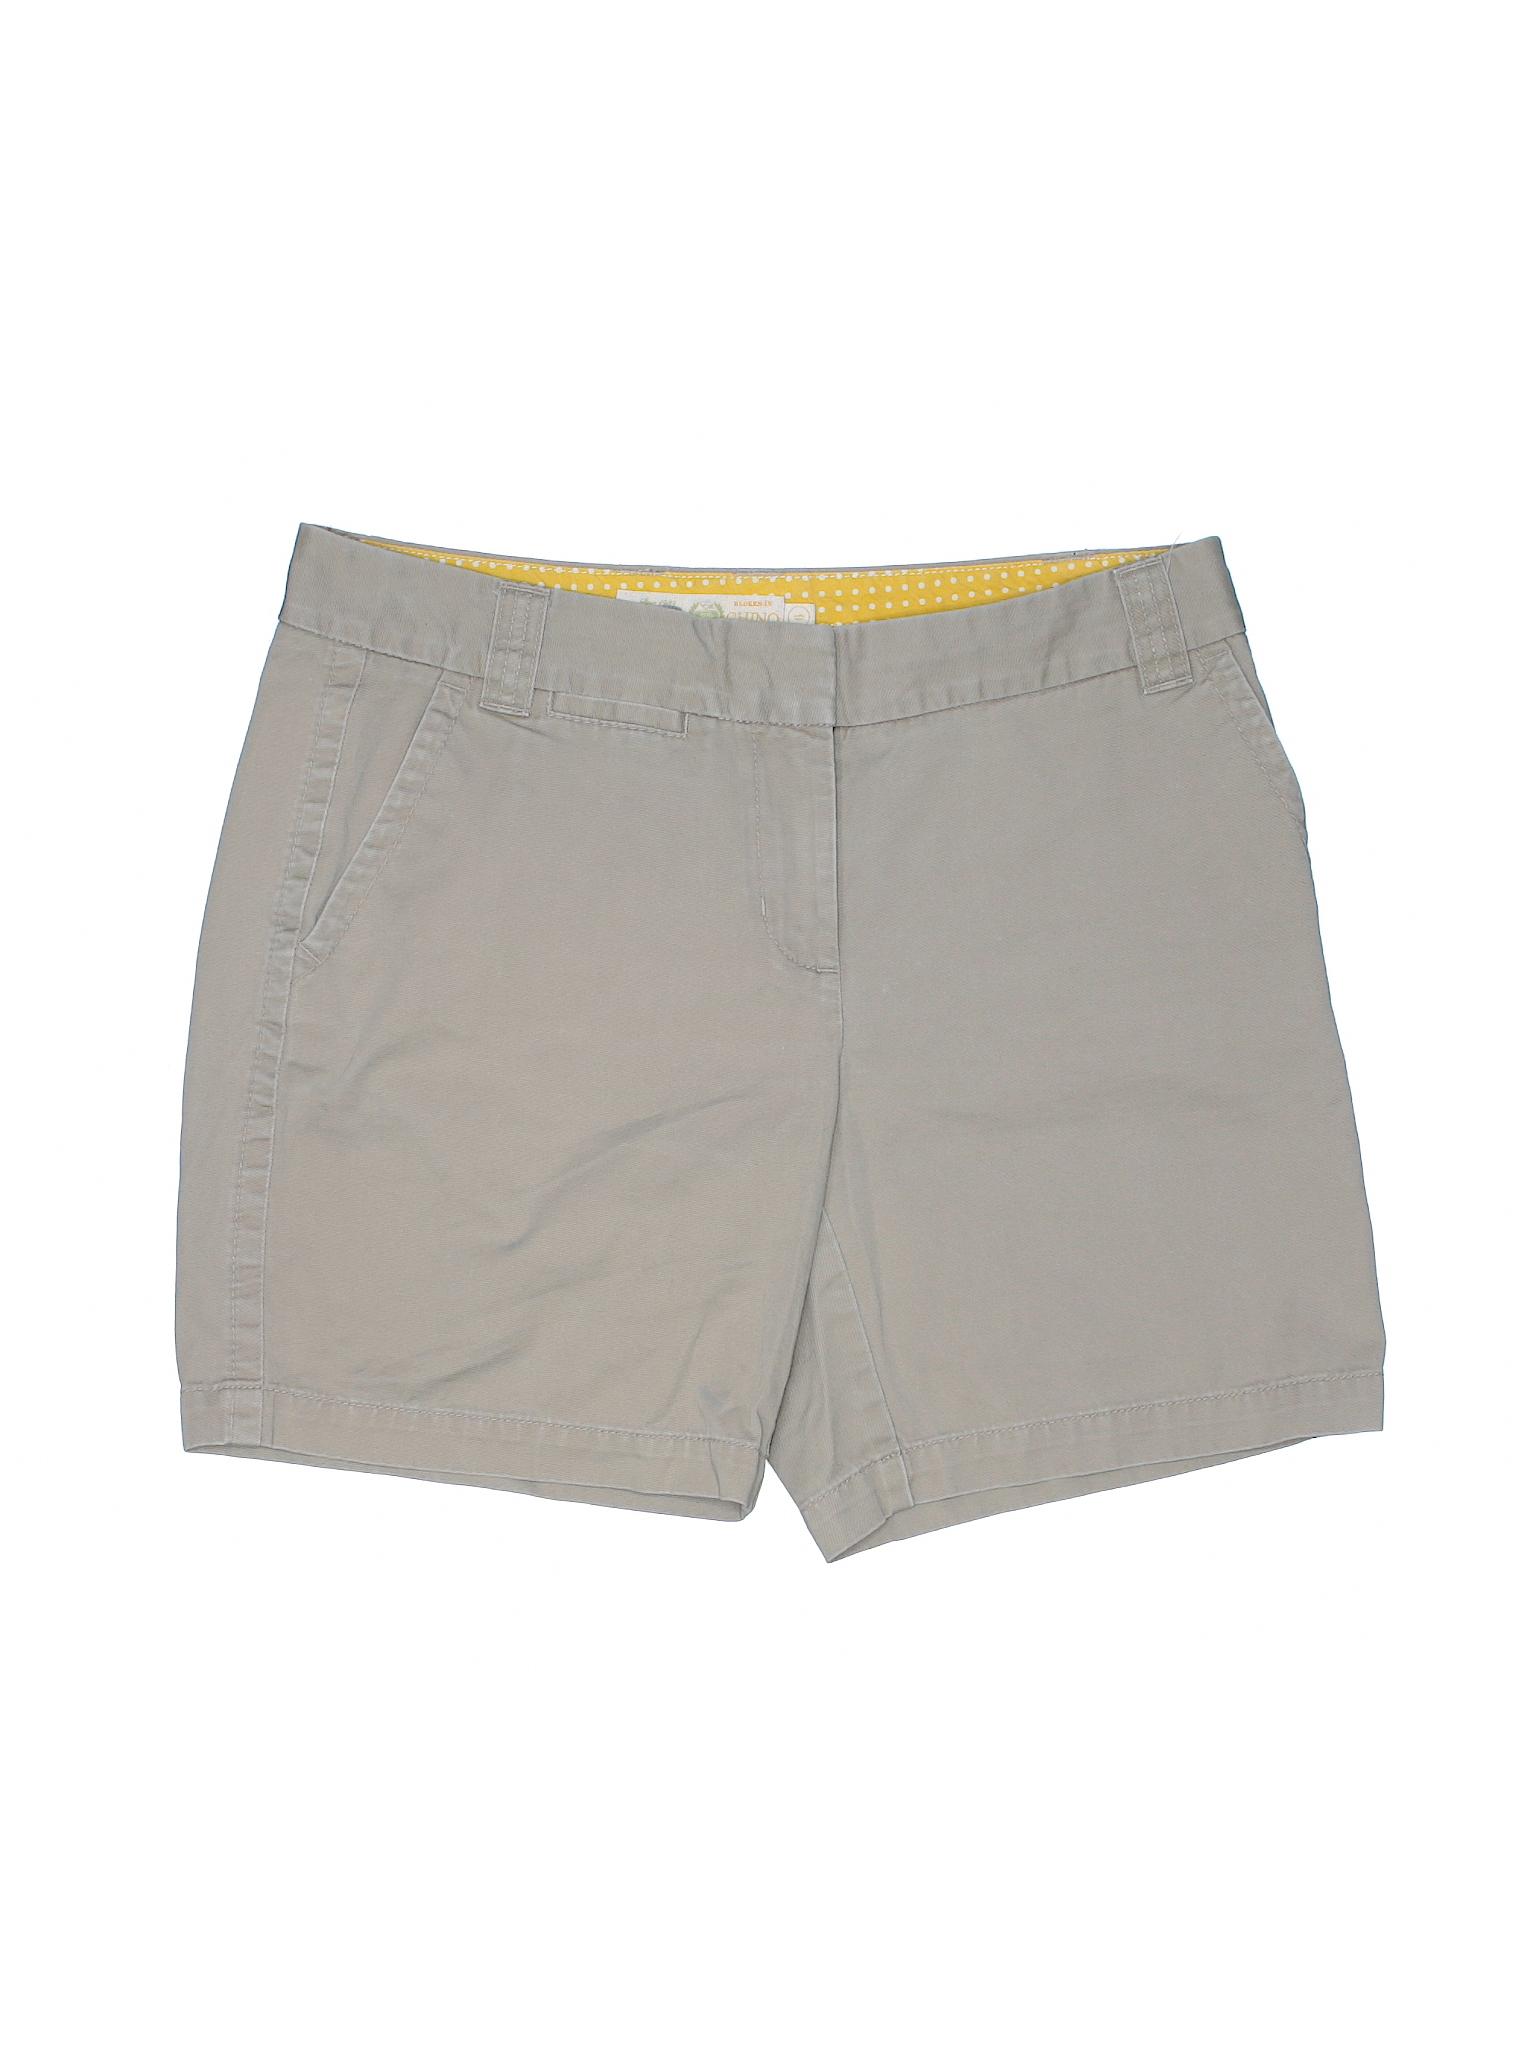 Winter Shorts J Crew Boutique Khaki vXqSz